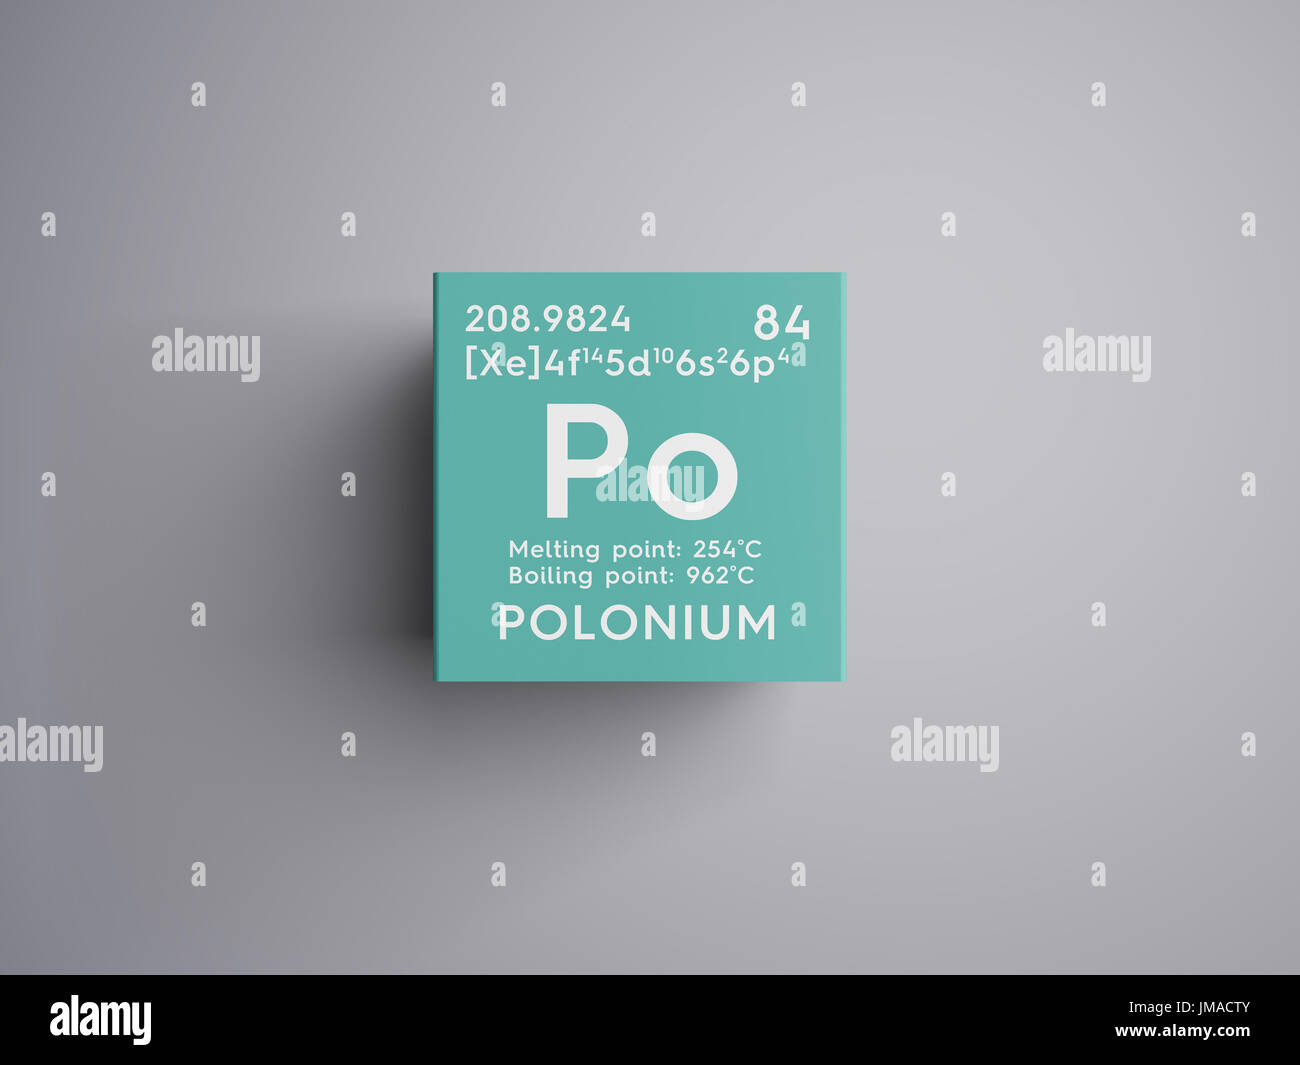 Polonio los metaloides elemento qumico de la tabla peridica de los metaloides elemento qumico de la tabla peridica de mendeleyev polonio en square cube concepto creativo urtaz Images